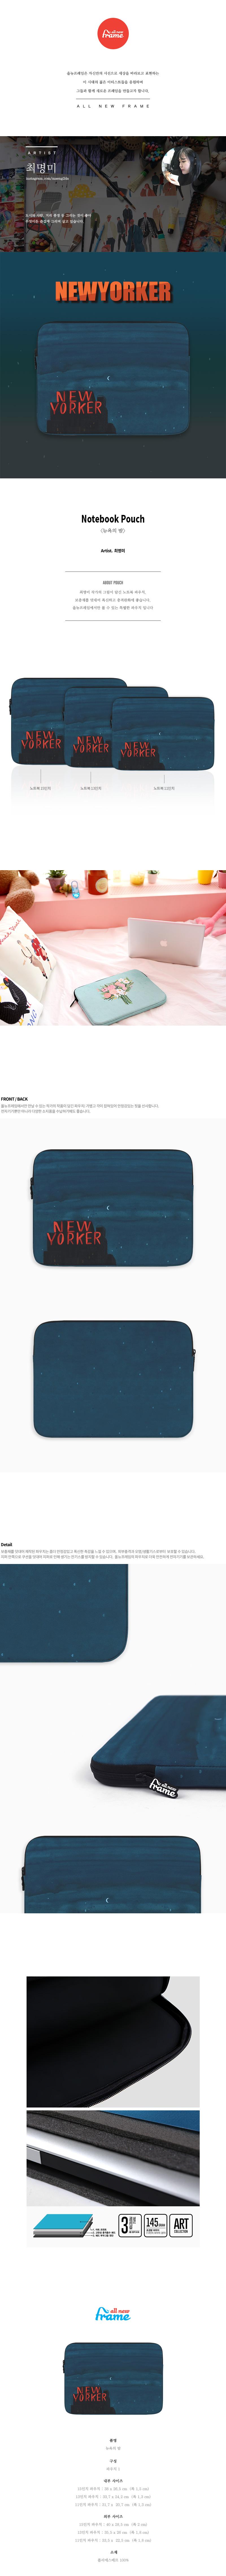 뉴욕의 밤 (11-13-15형)25,000원-올뉴프레임디지털, 노트북가방/파우치류, 노트북 케이스/파우치, 27.94cm~33.78cm바보사랑뉴욕의 밤 (11-13-15형)25,000원-올뉴프레임디지털, 노트북가방/파우치류, 노트북 케이스/파우치, 27.94cm~33.78cm바보사랑